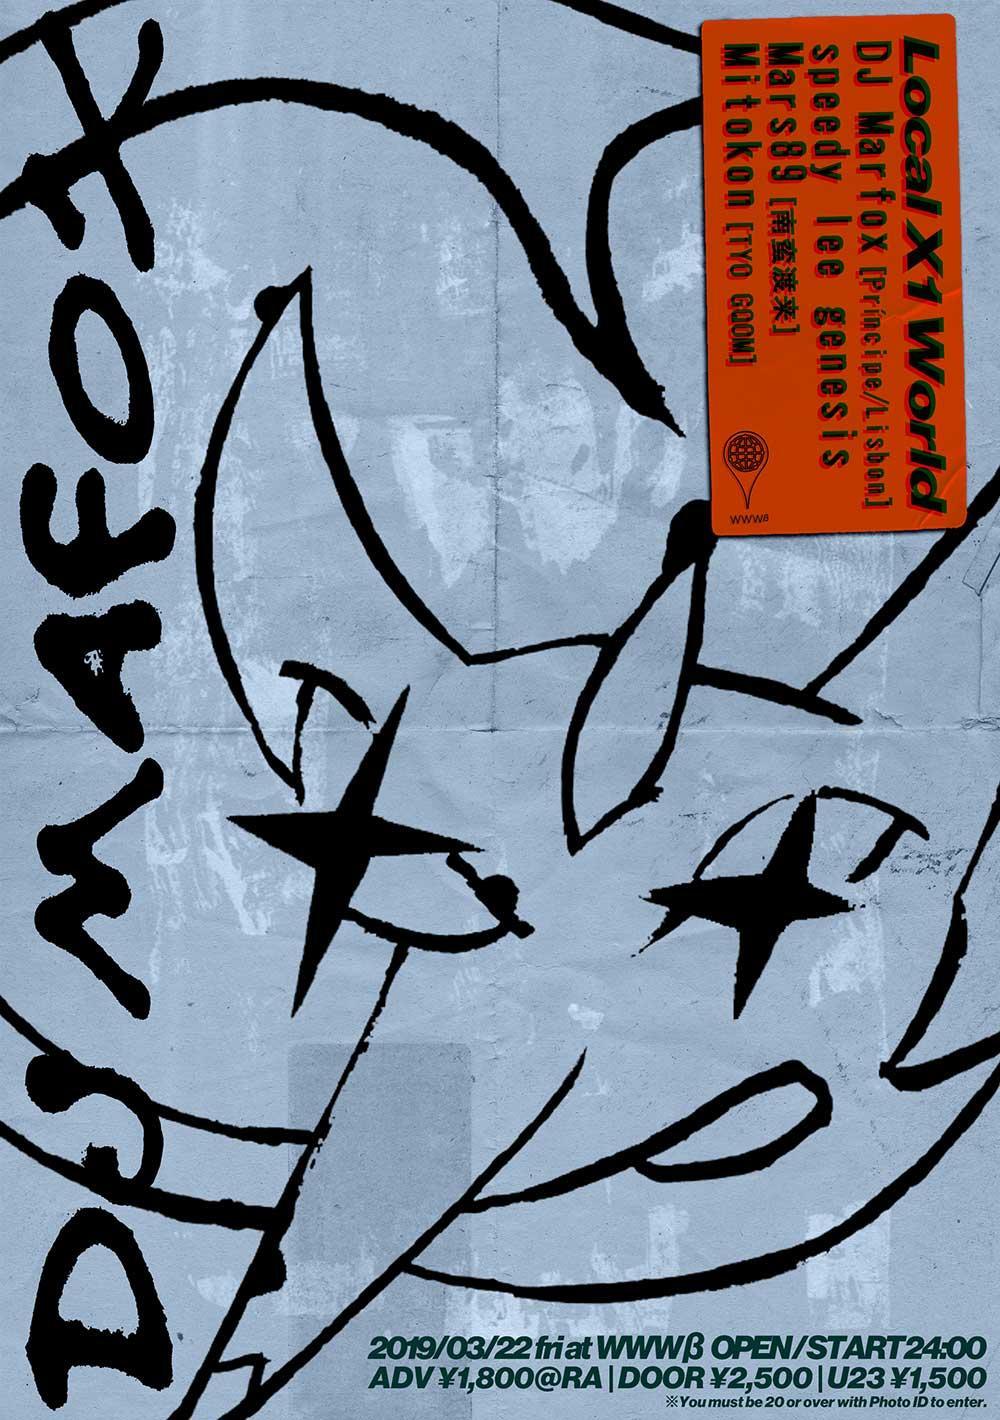 DJ Marfox [Príncipe / Lisbon] / speedy lee genesis / Mars89 [南蛮渡来] / Mitokon [TYO GQOM]